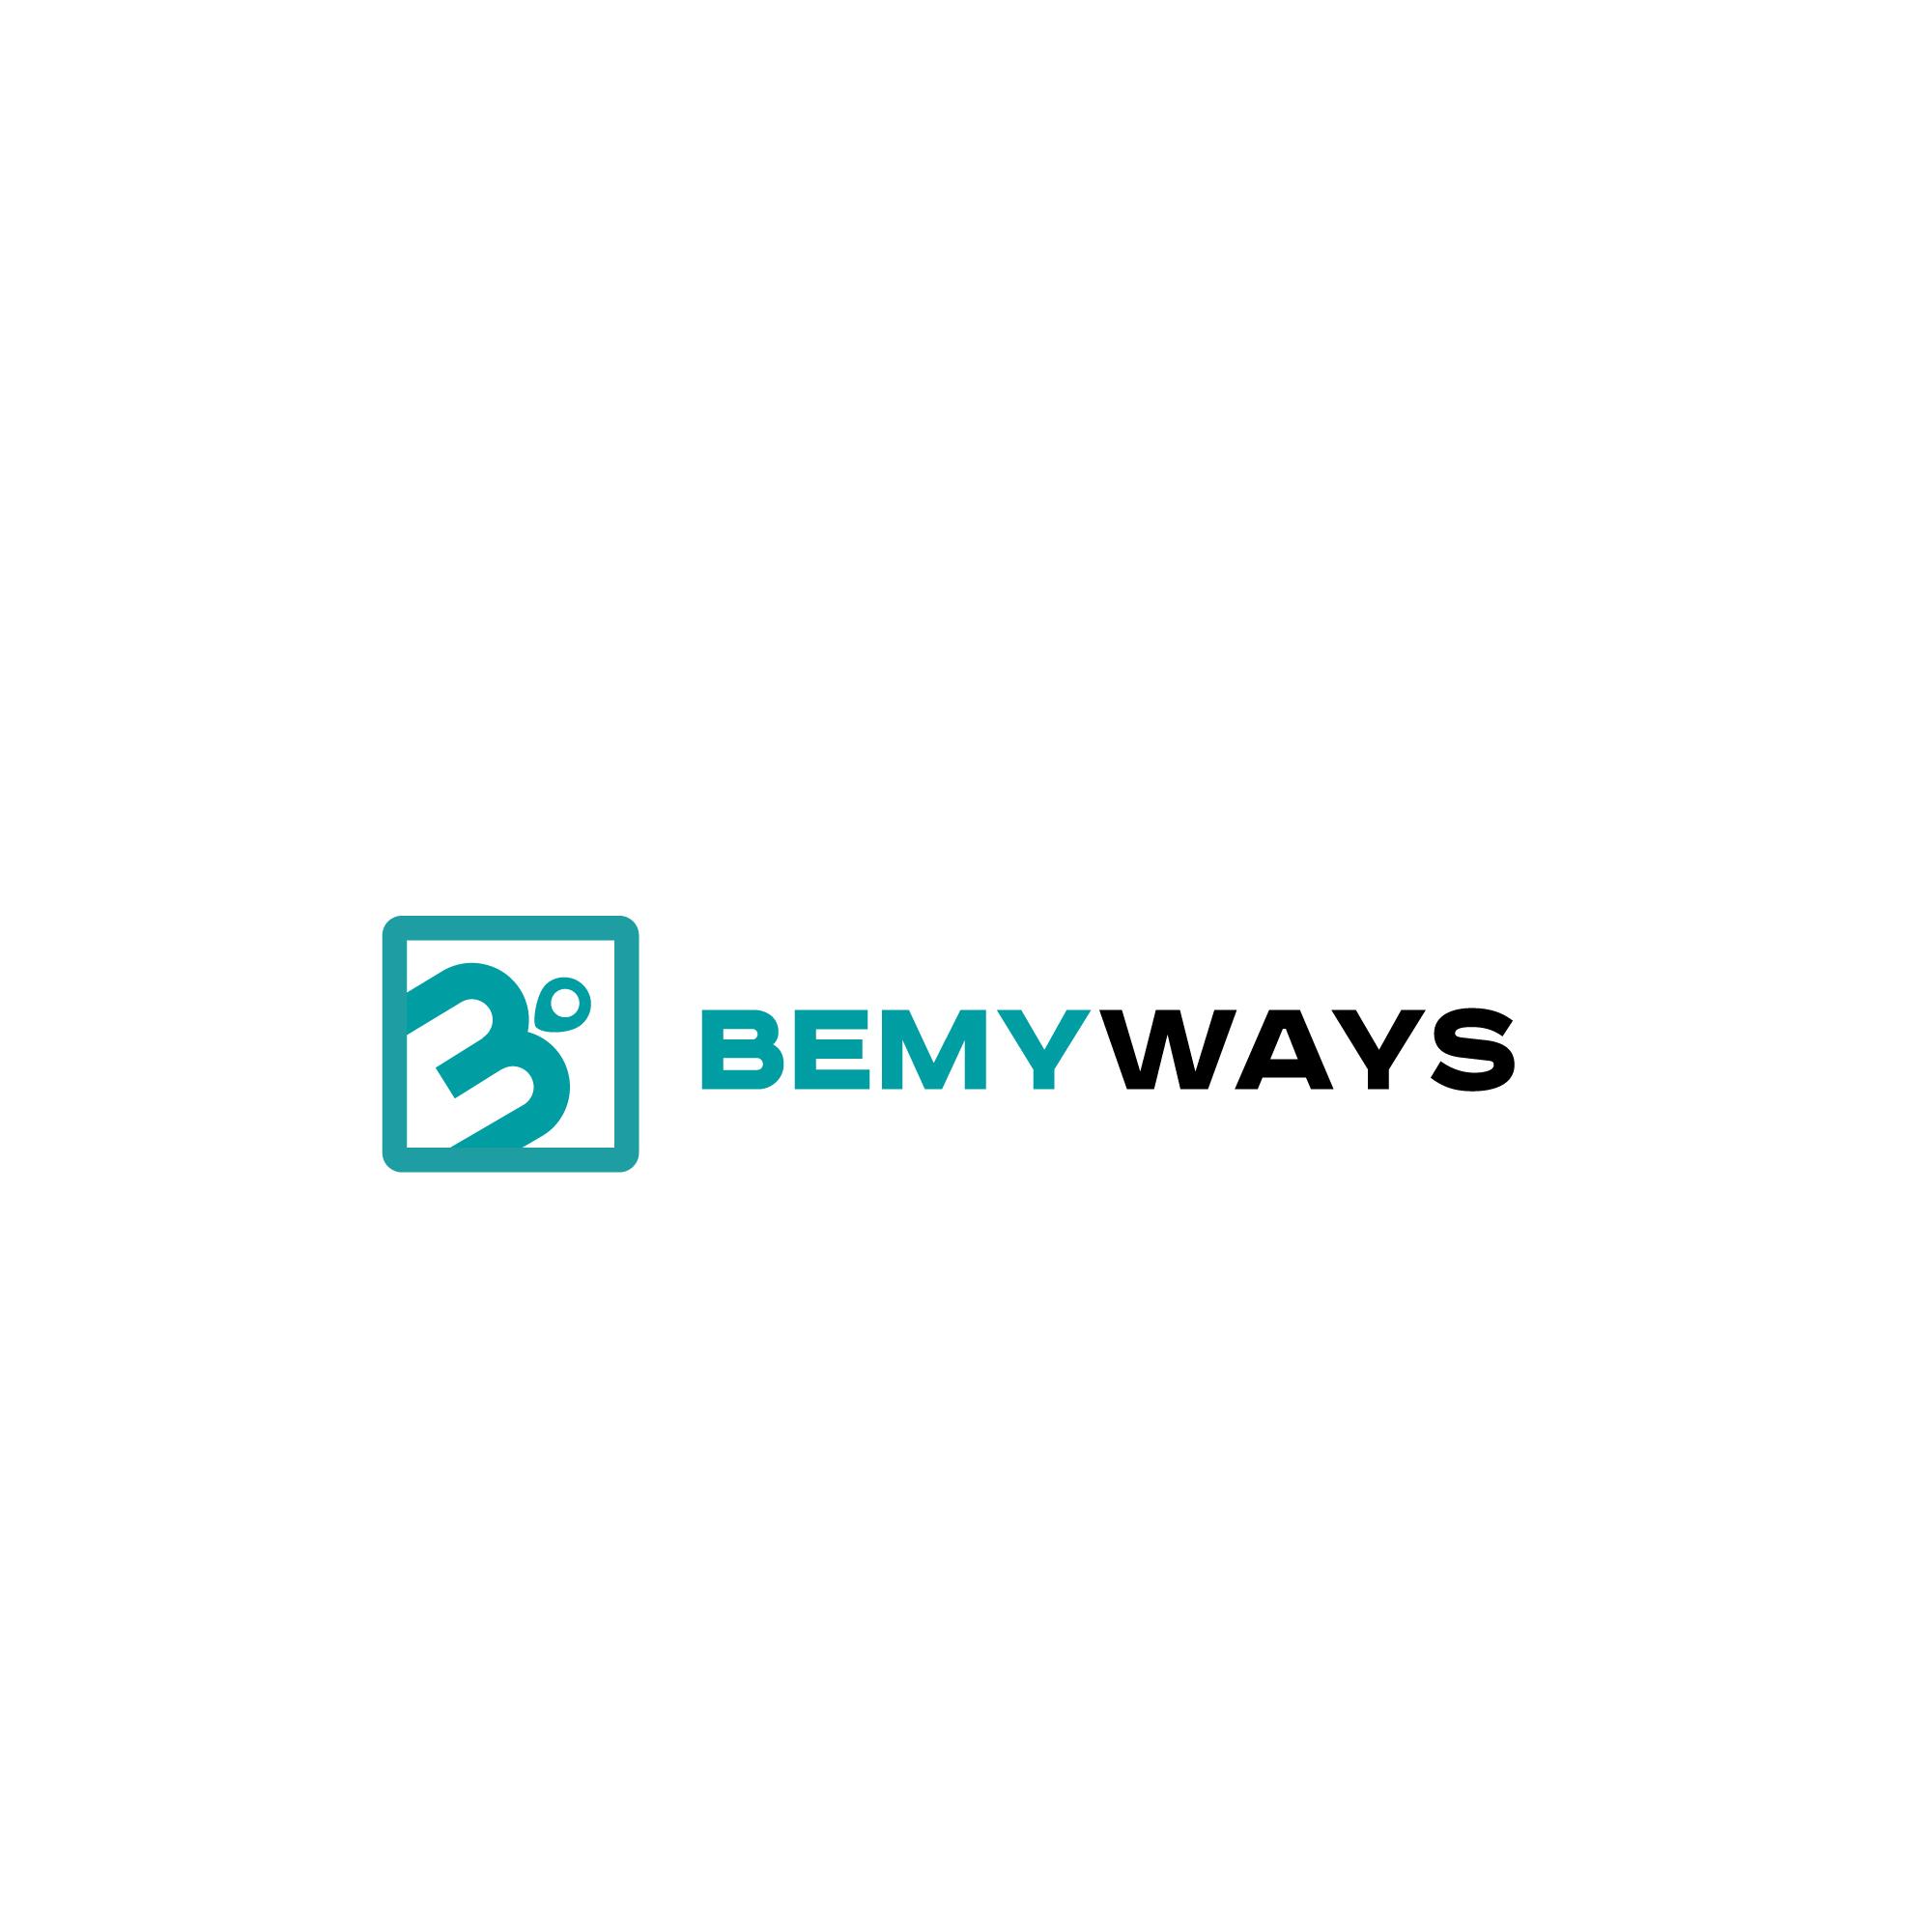 Разработка логотипа и иконки для Travel Video Platform фото f_3275c376ee282bb4.jpg